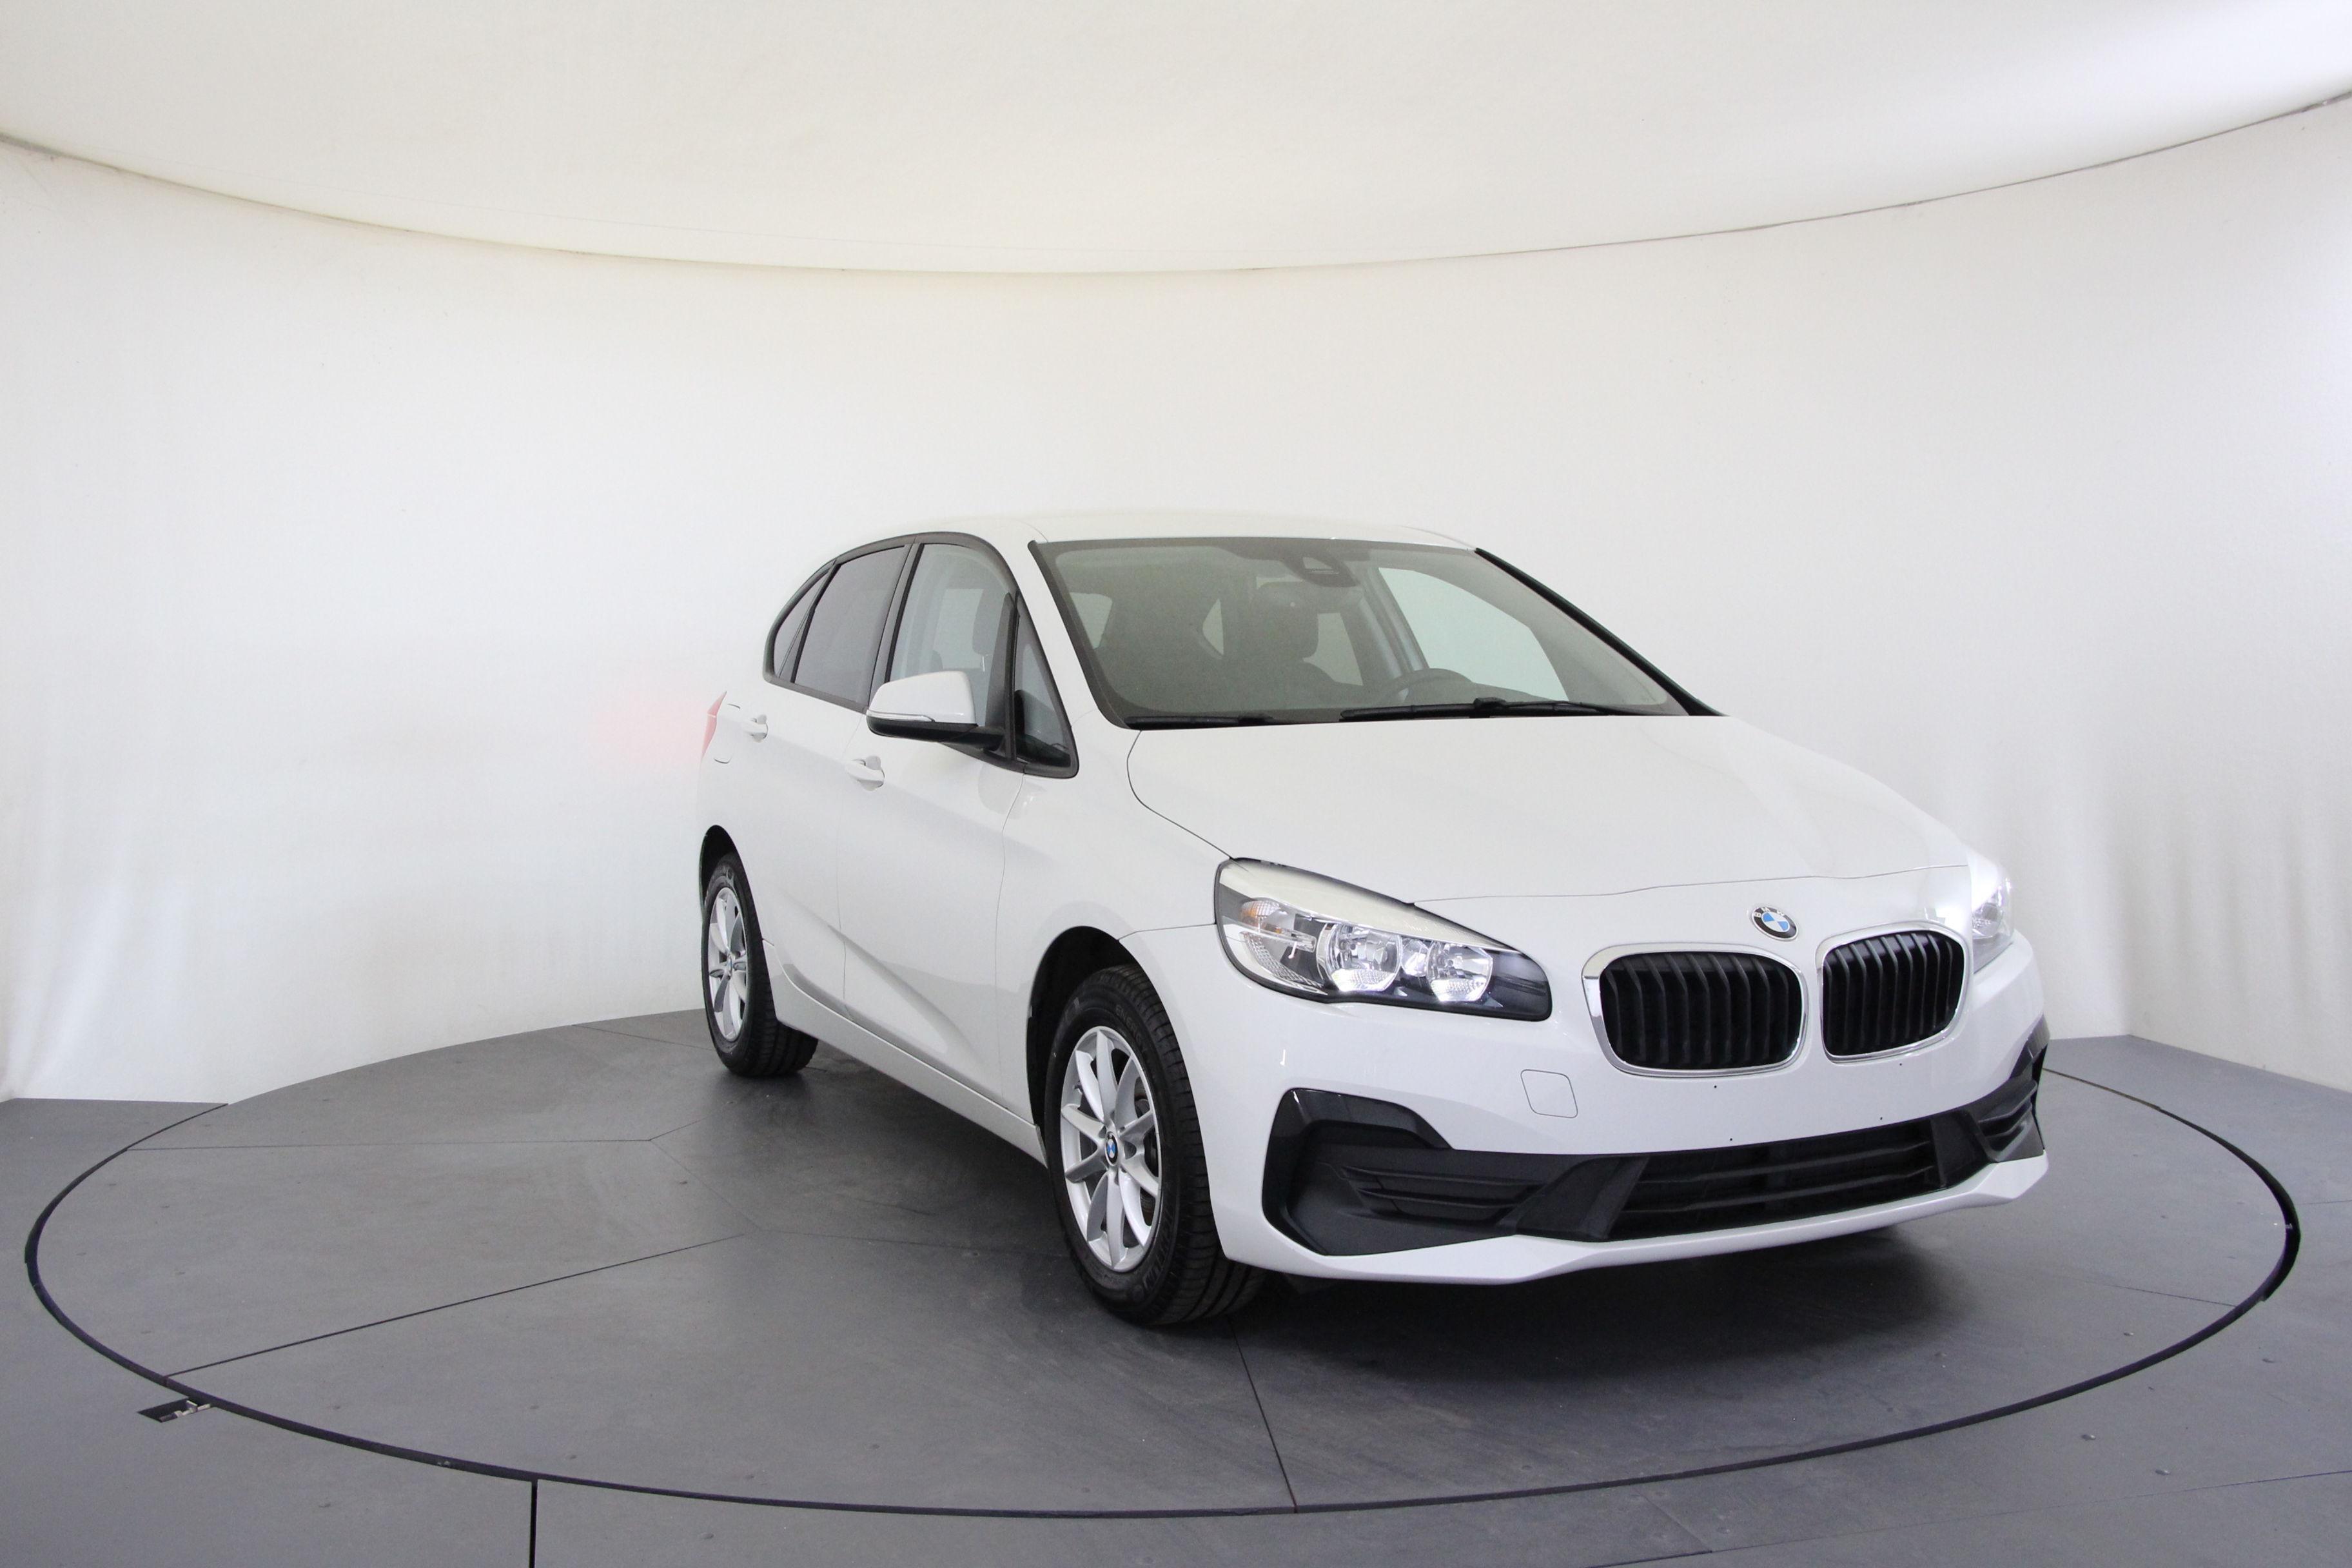 BMW 216 Active Tourer 1.5 85kW 5 Sitze 4 Türen Advantage, Jahr 2018, Diesel